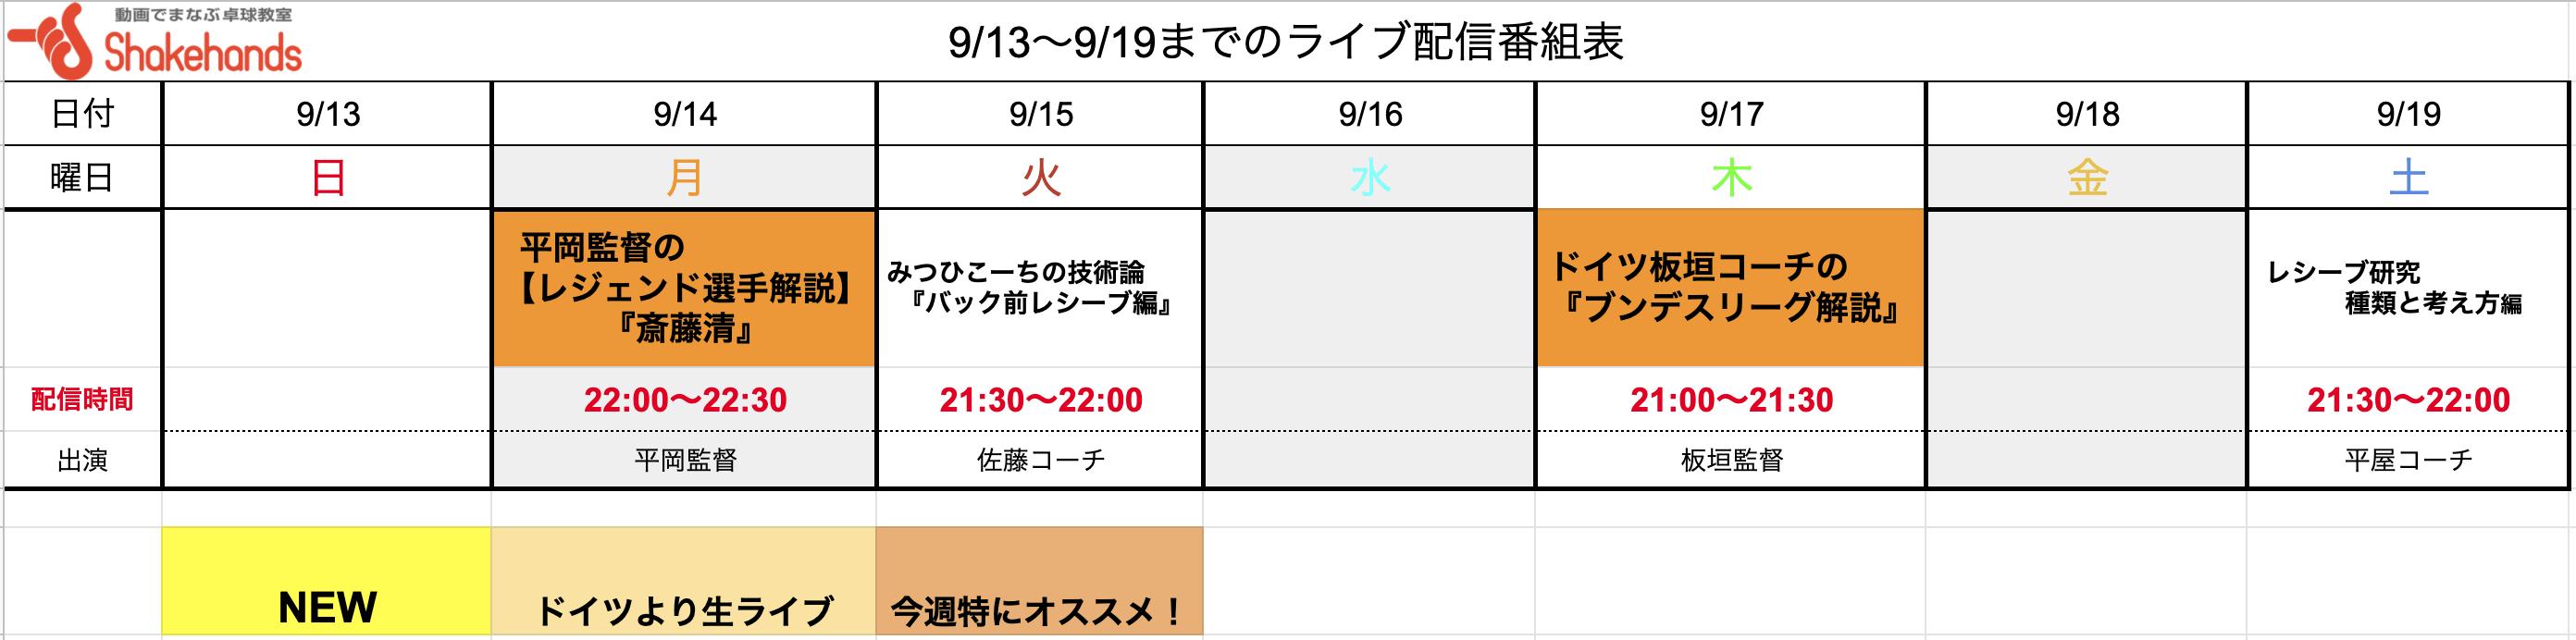 【動画会員限定ライブ!】9/13〜9/19の番組表公開しました!